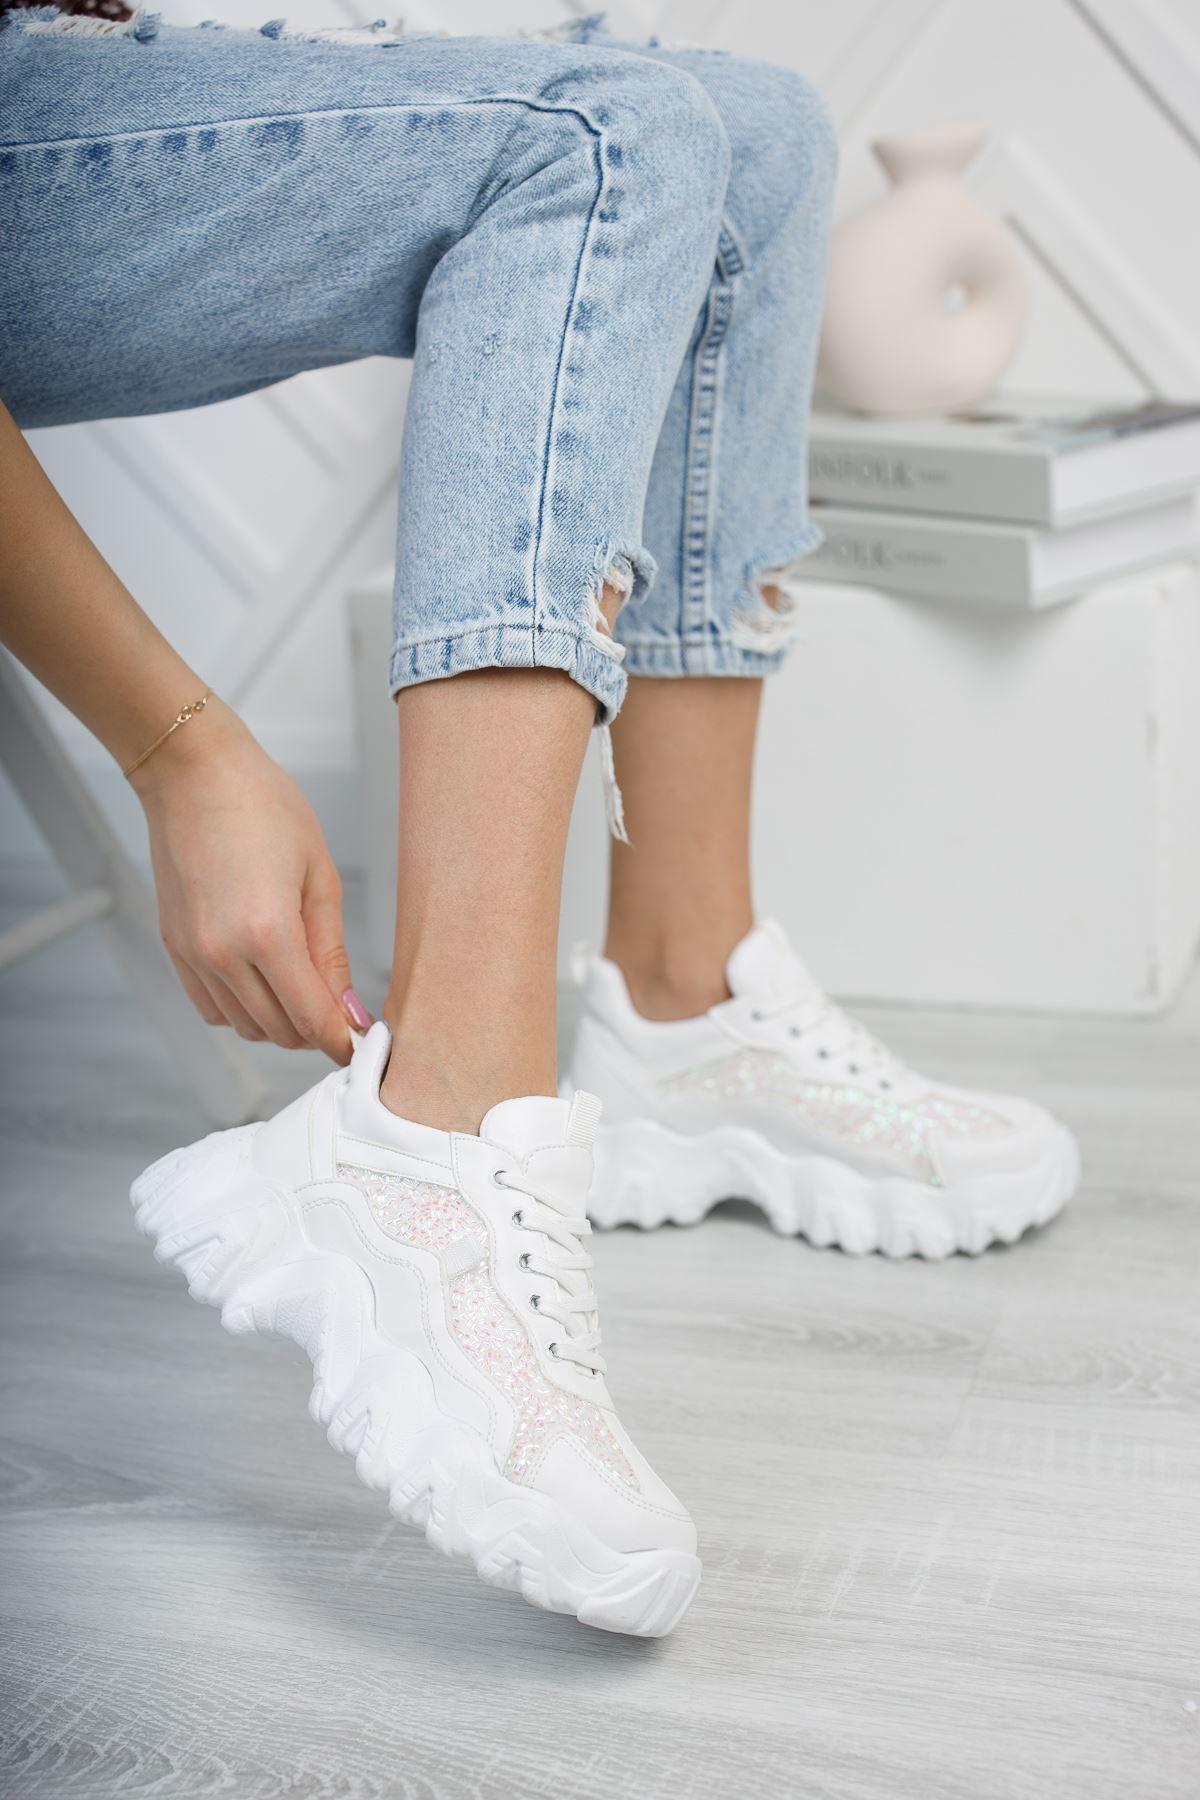 Rapina Beyaz Mat Deri Taşlı Bağcıklı Kadın Spor Ayakkabı